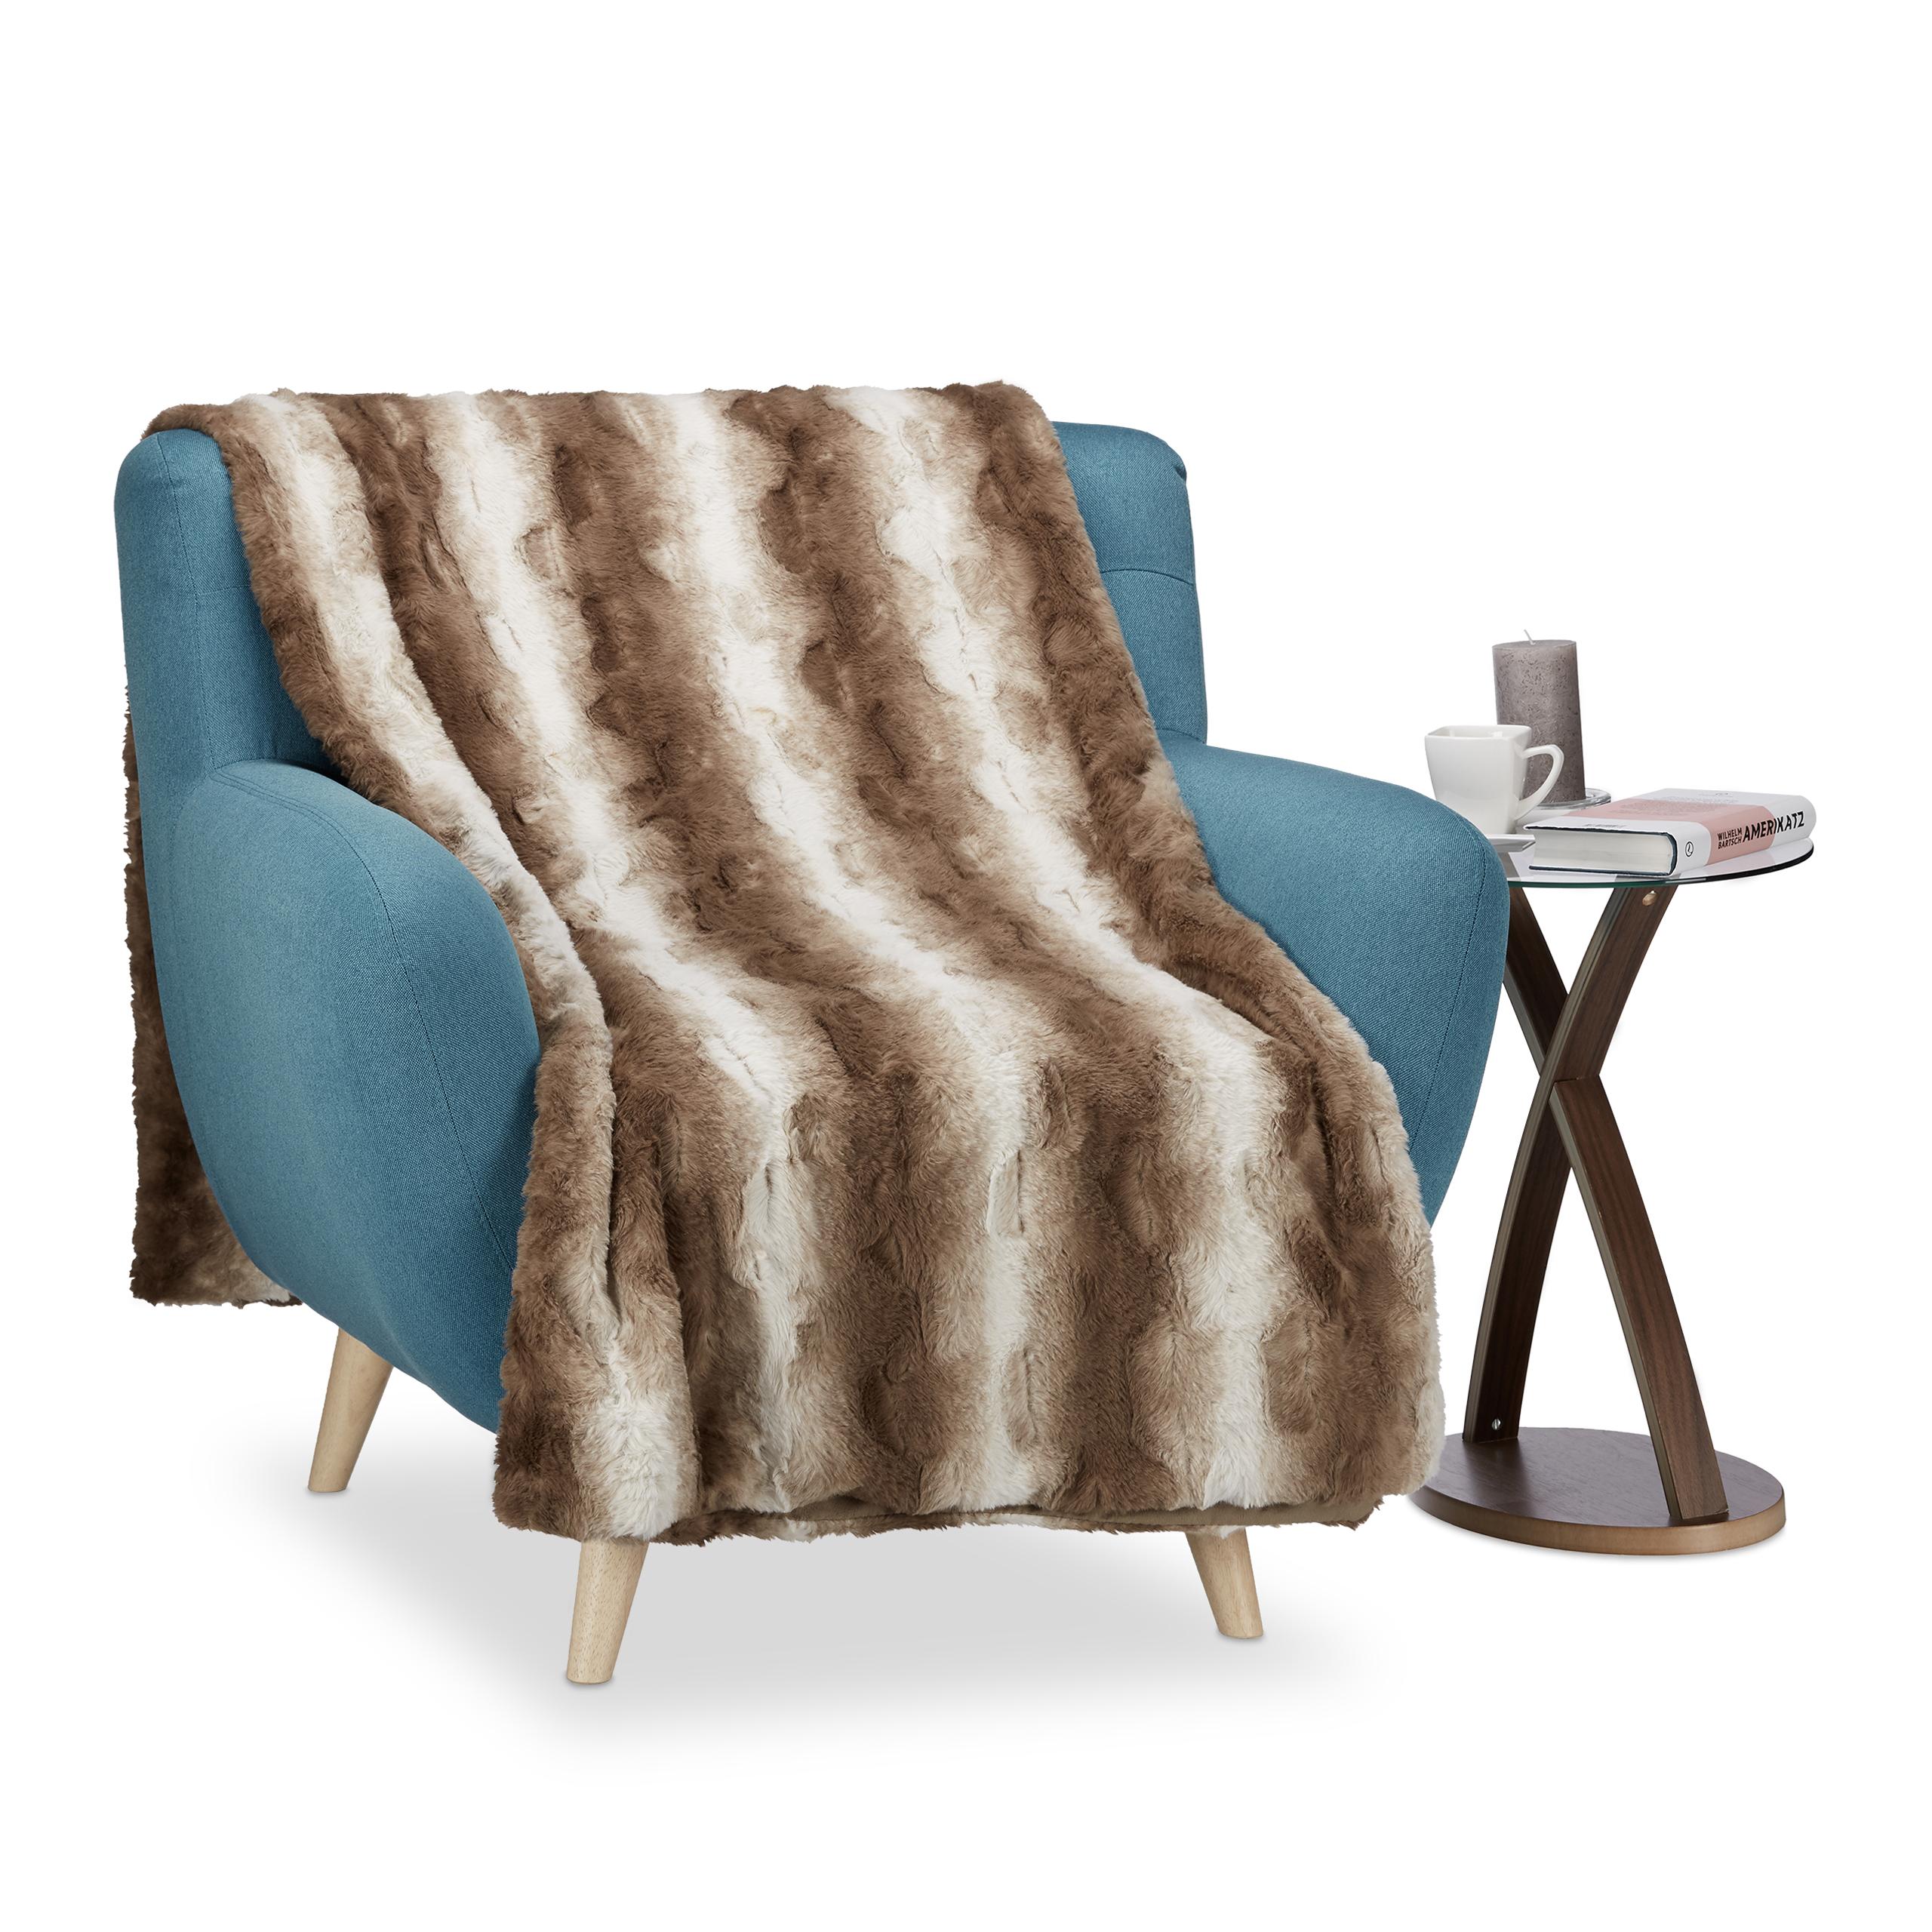 Couverture-fausse-fourrure-couvre-lit-moelleux-housse-canape-fauteuil-150x200